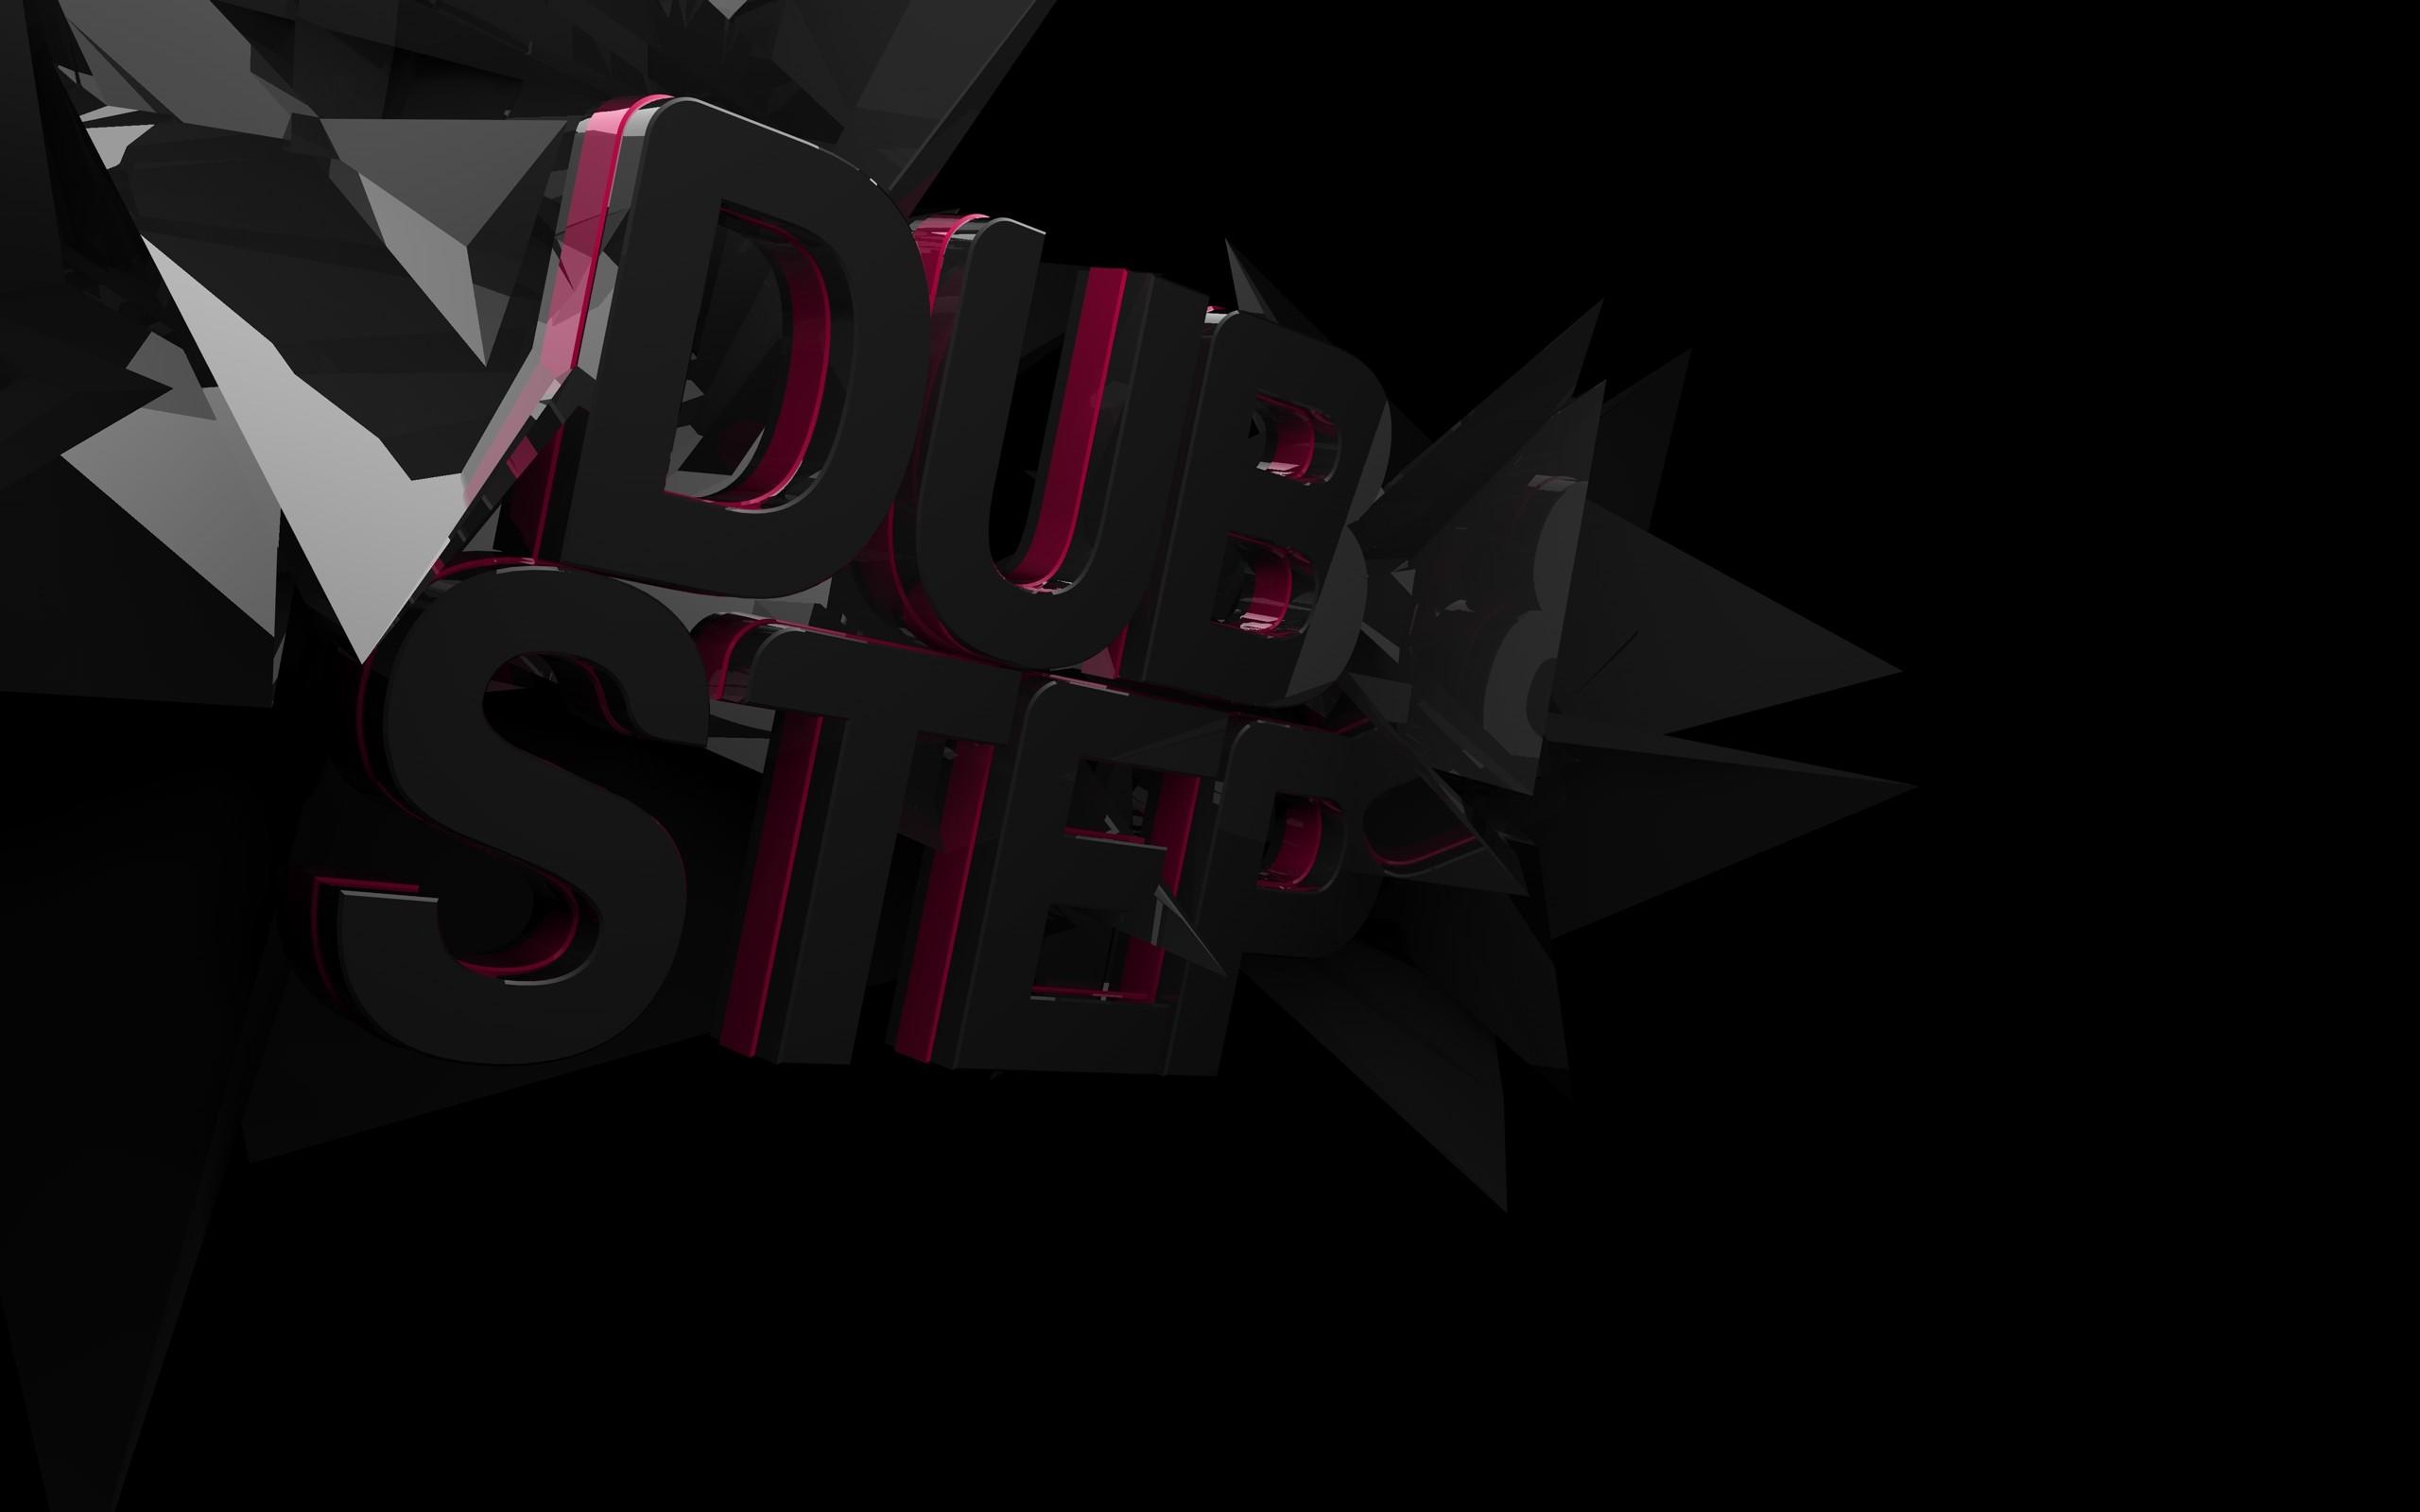 Music Bass Wallpaper 2560x1600 Music Bass Electric Dubstep DJ 2560x1600